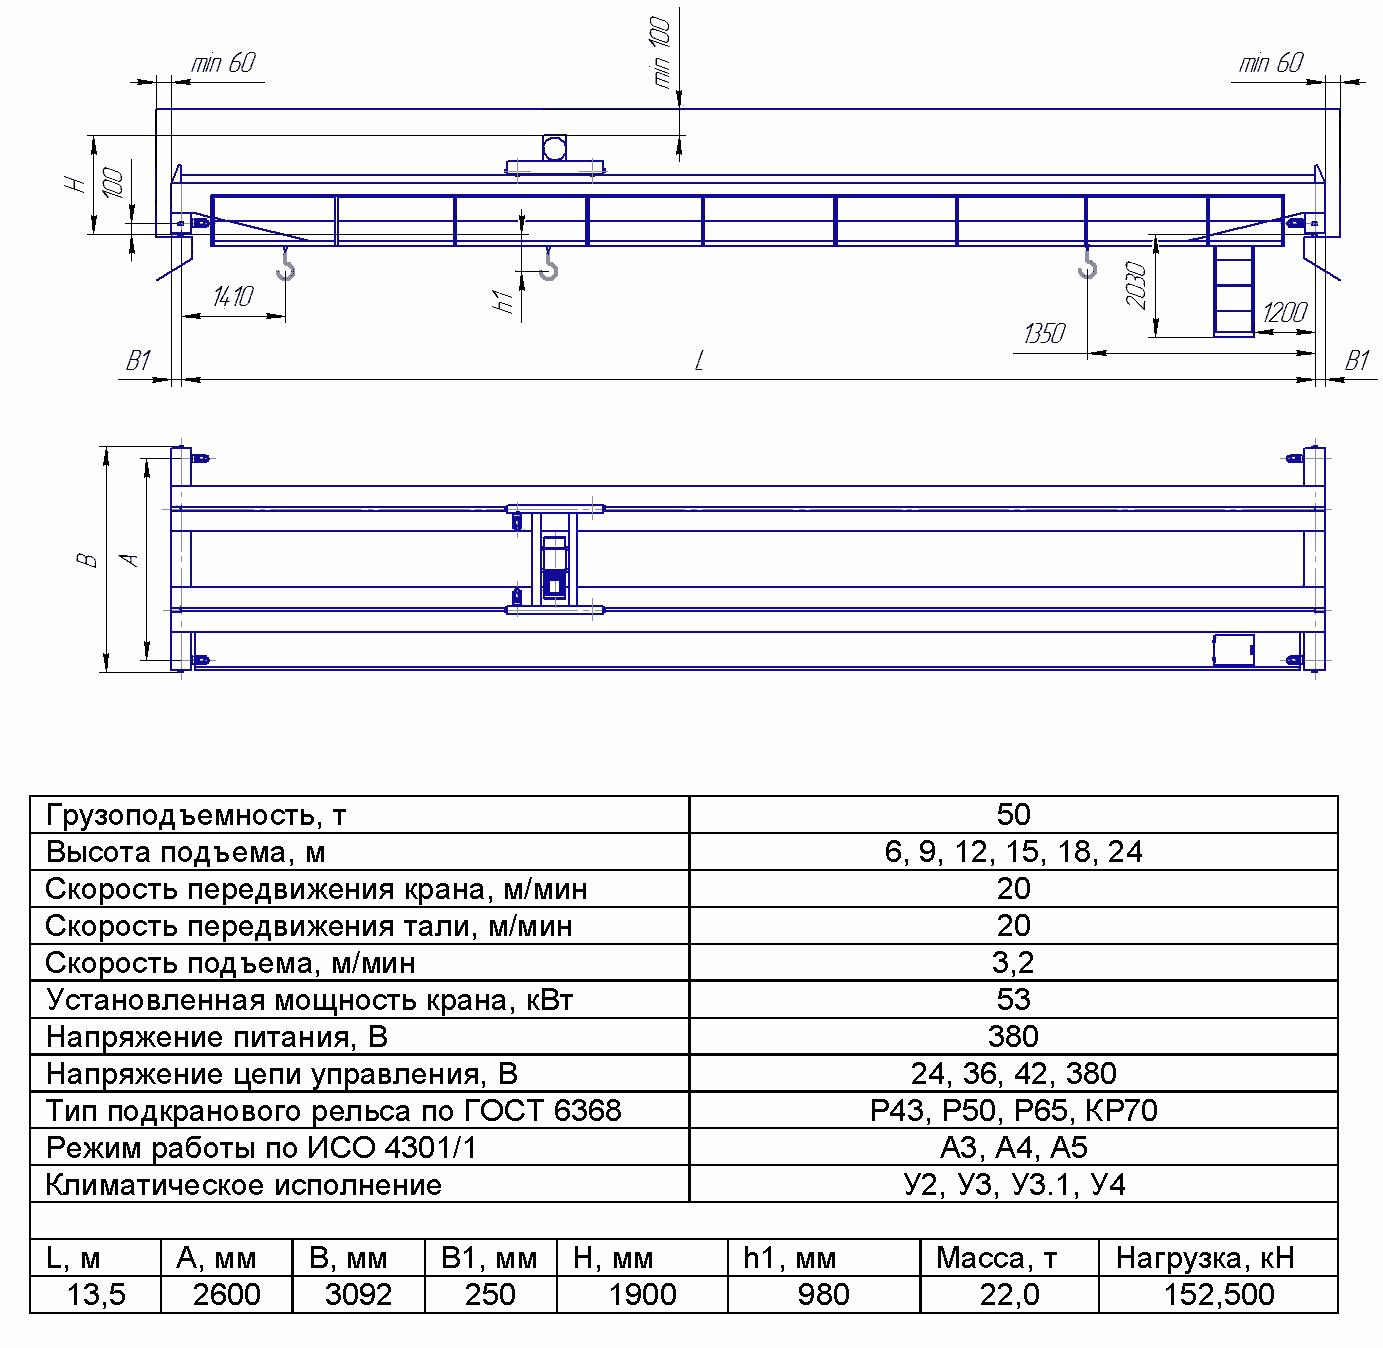 KMON 8 2 - Опорный мостовой кран общего назначения